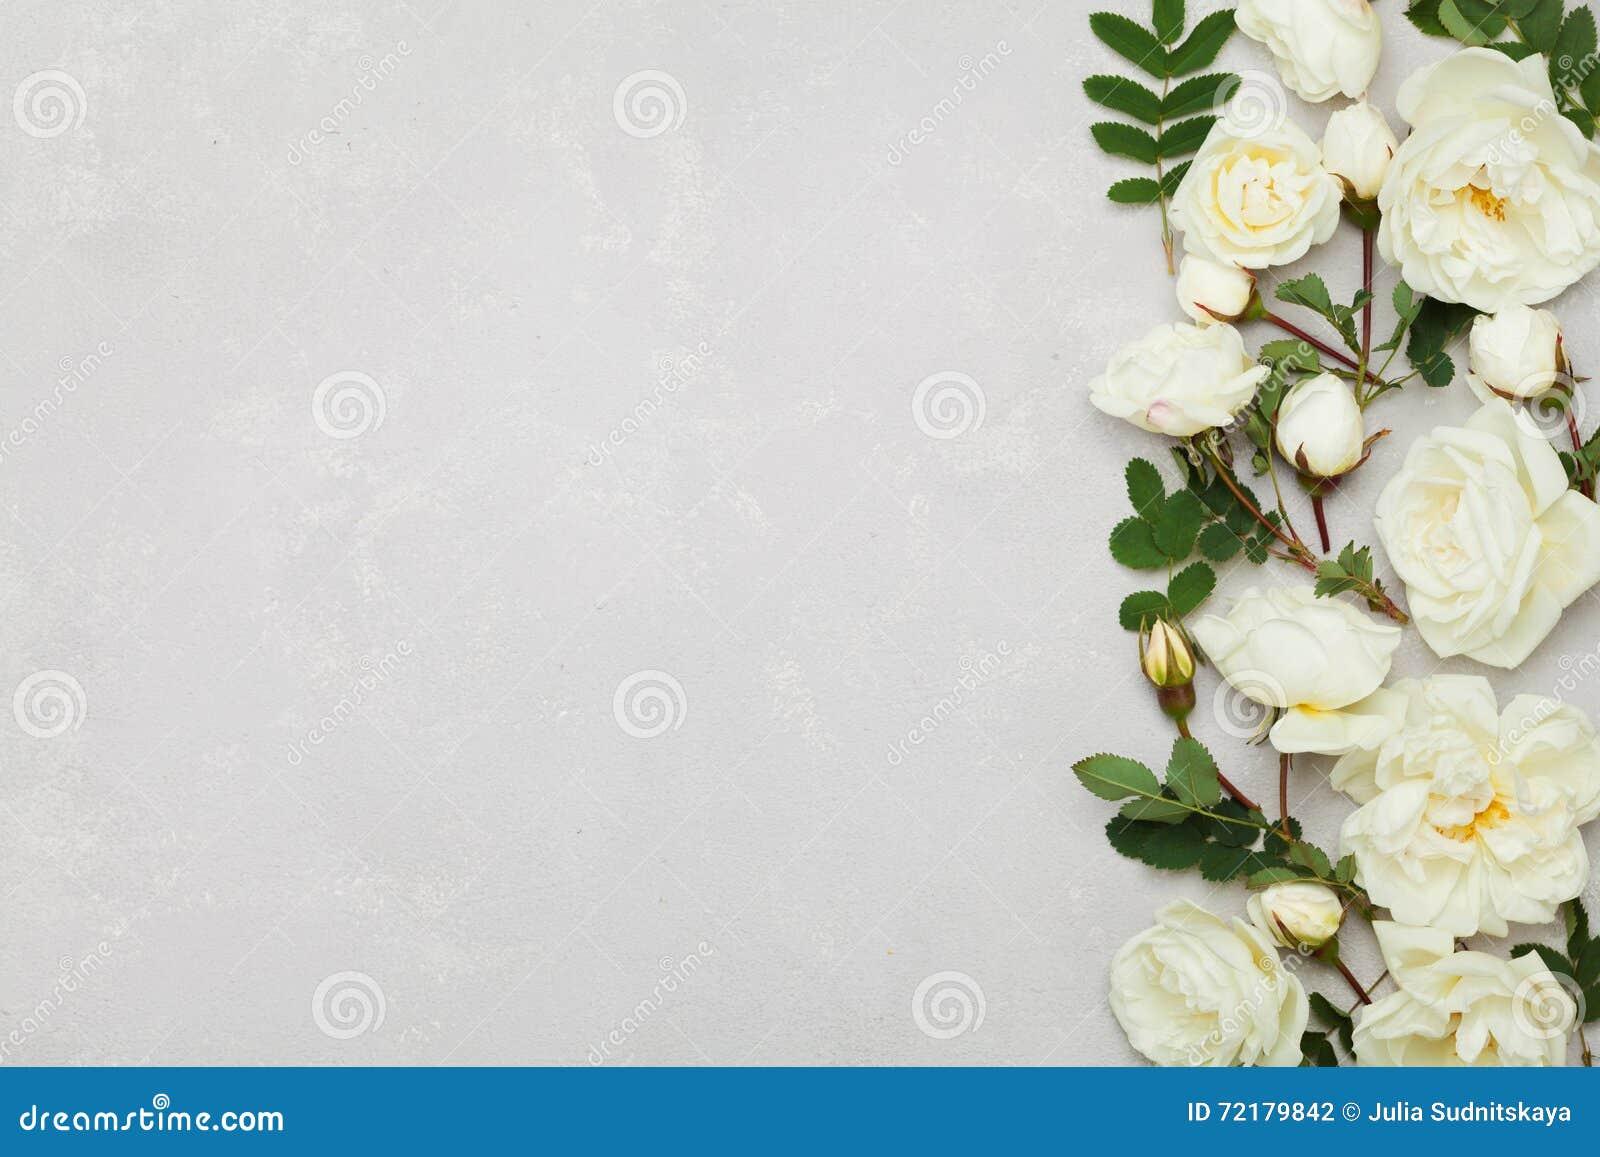 Τα σύνορα των άσπρων ροδαλών λουλουδιών και των πράσινων φύλλων στο ανοικτό γκρι υπόβαθρο άνωθεν, όμορφο floral σχέδιο, επίπεδο β